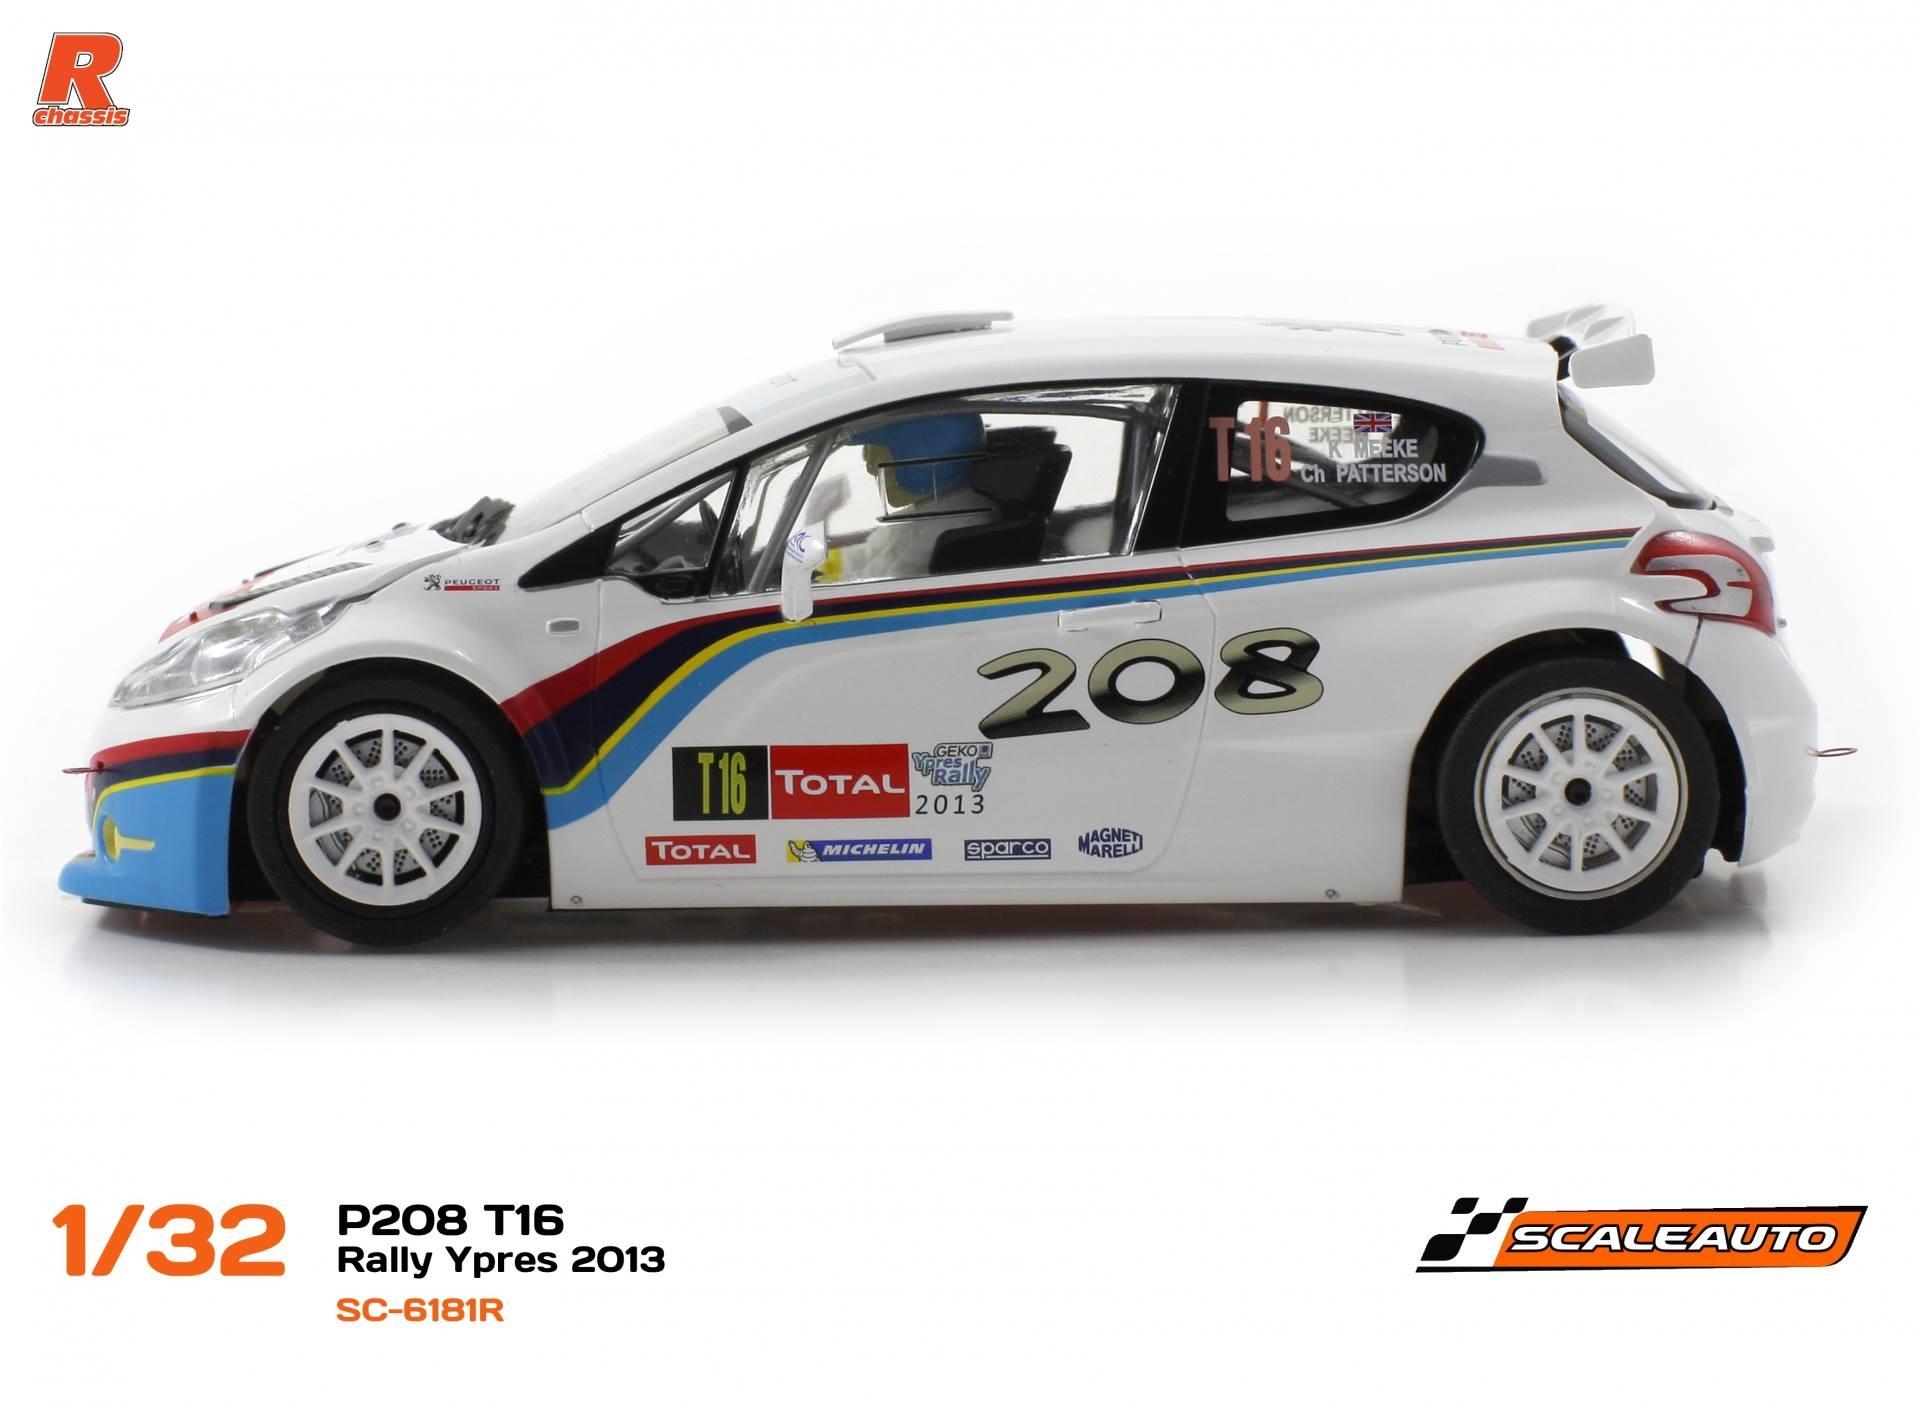 Scaleauto: les photos de la Peugeot 208 T16 Ypres 2013